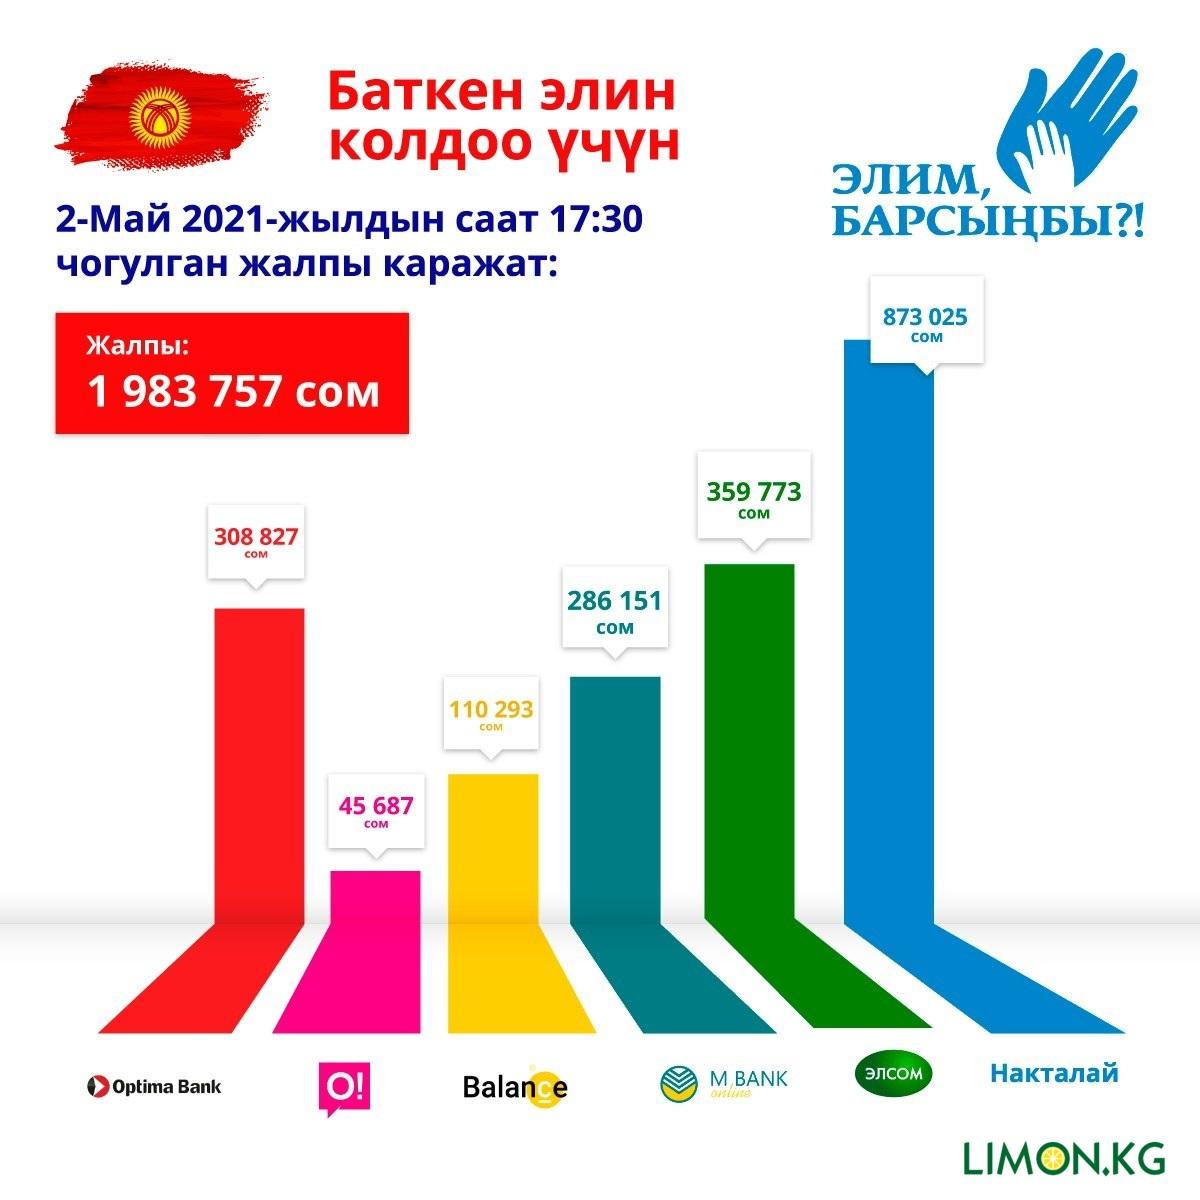 WhatsApp Image 2021-05-03 at 12.22.56